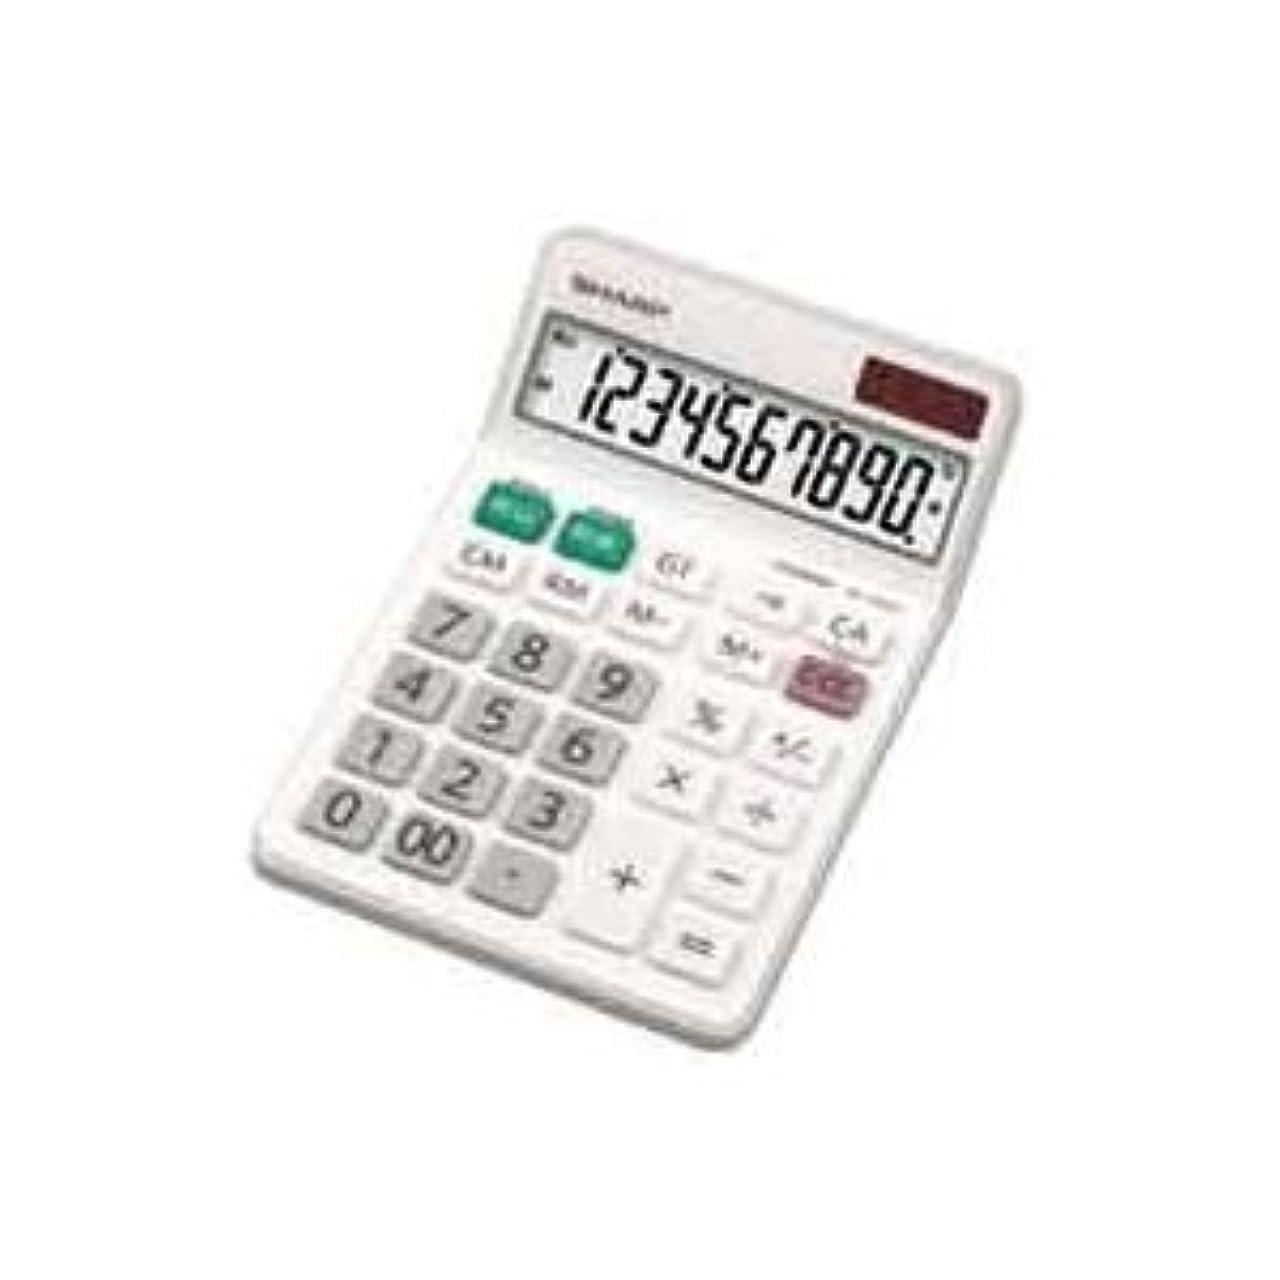 センサースタジオ顧問(業務用4セット)シャープ SHARP 電卓 10桁 EL-N431X ds-1474378